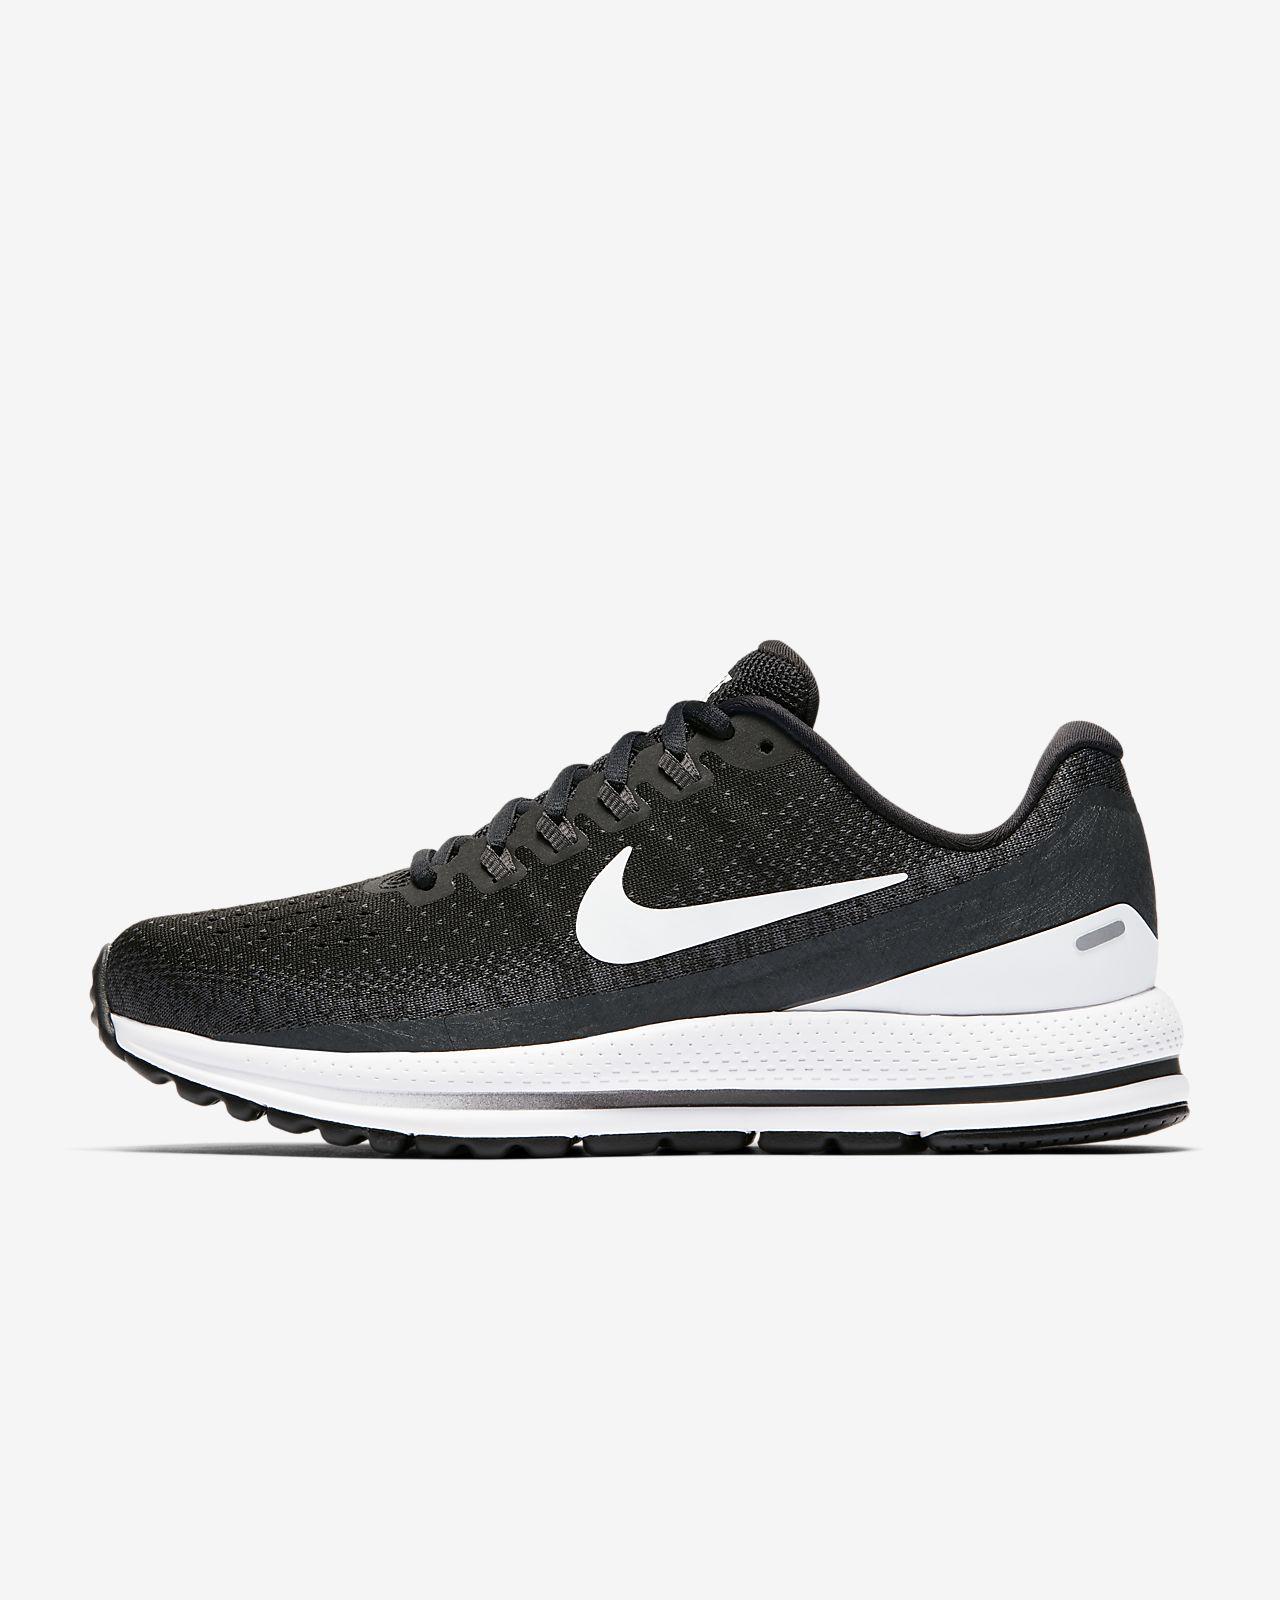 Nike Air Zoom Vomero 13 Women's Running Shoe